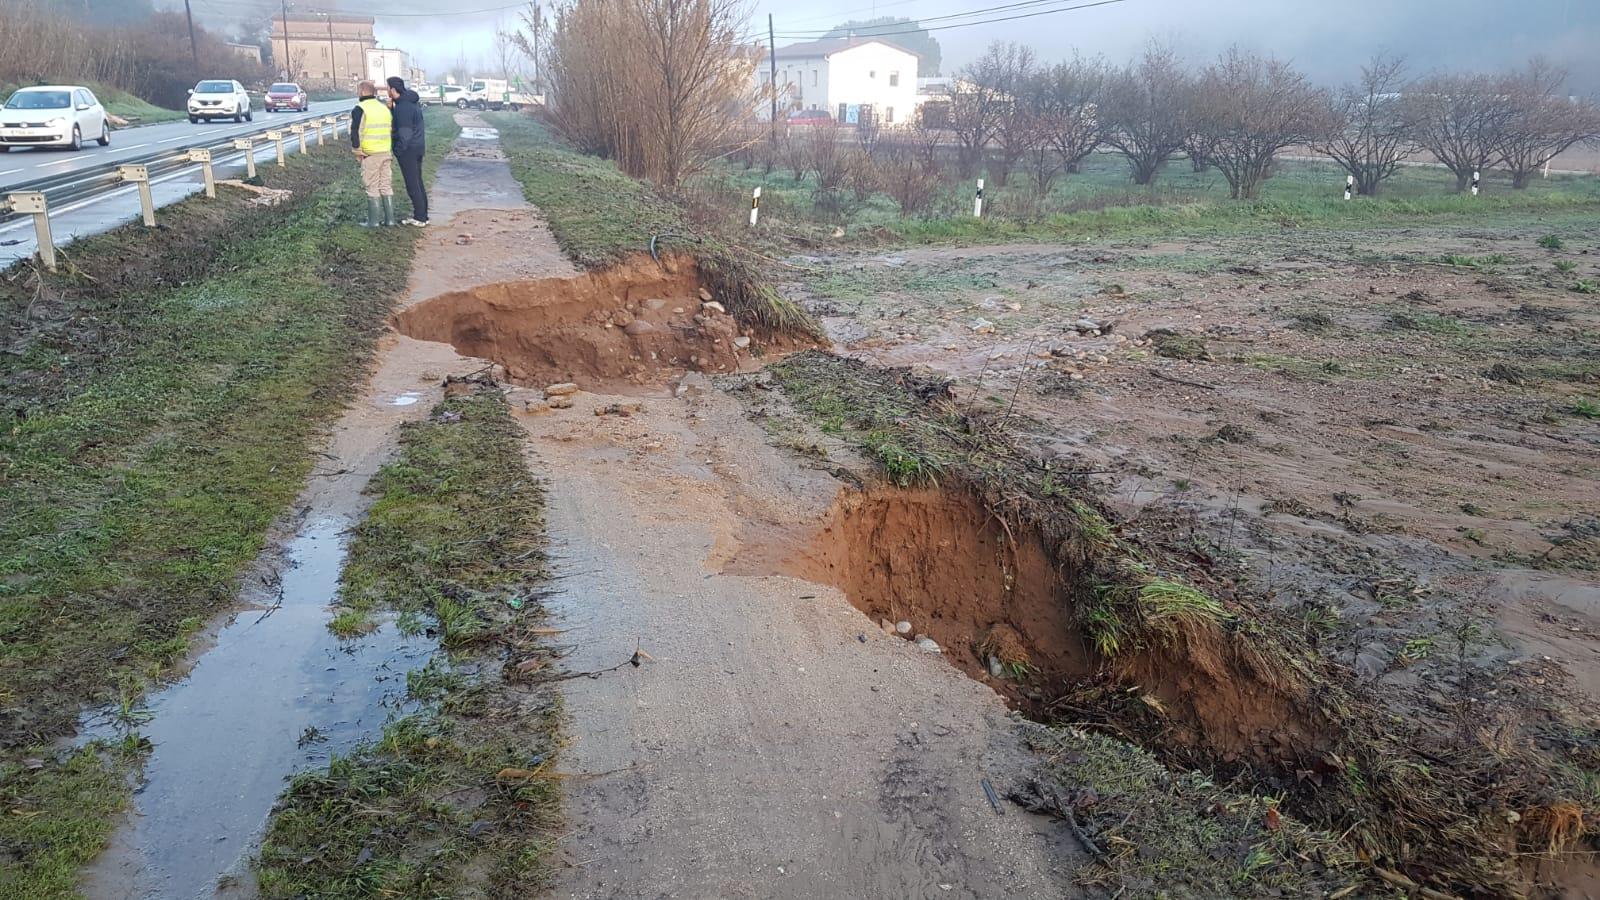 Agujeros en la vía verda, en Vilanna - Bescanó, a causa del temporal Glòria